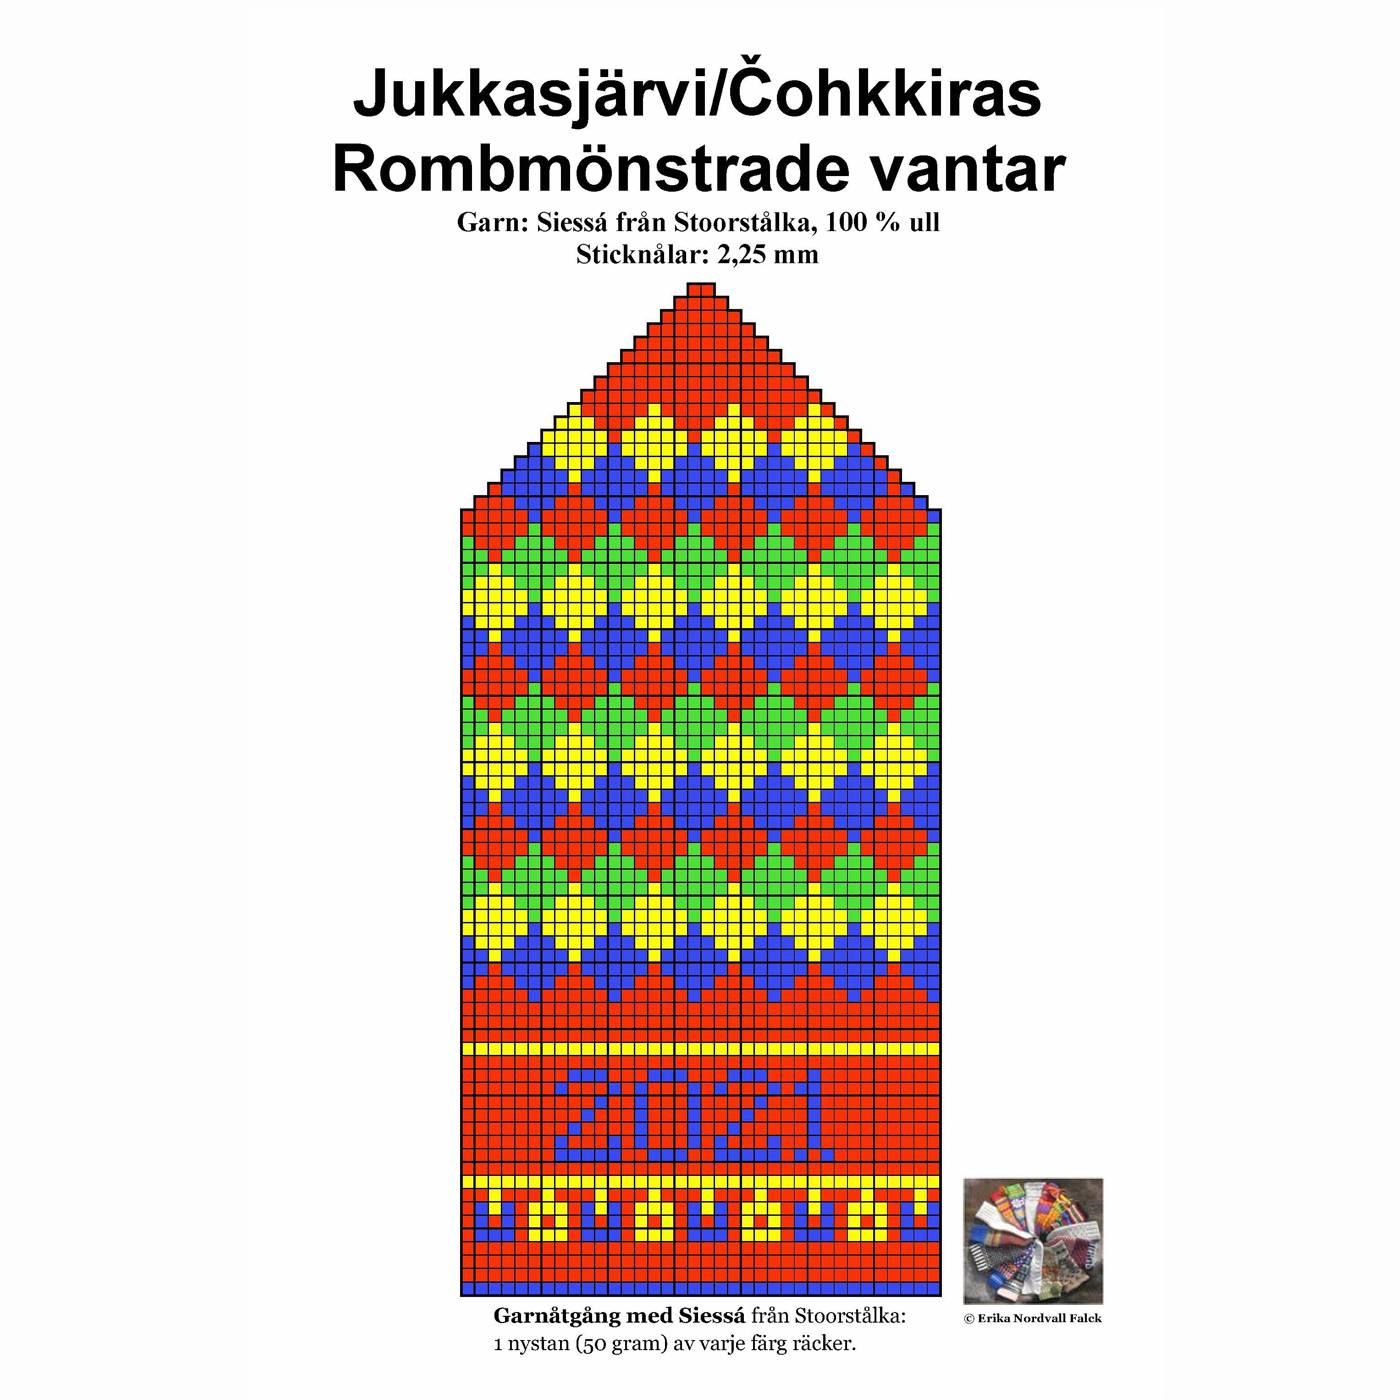 Jukkasjärvi/Čohkkiras Rombmönstrade vantar, Stoorstålka